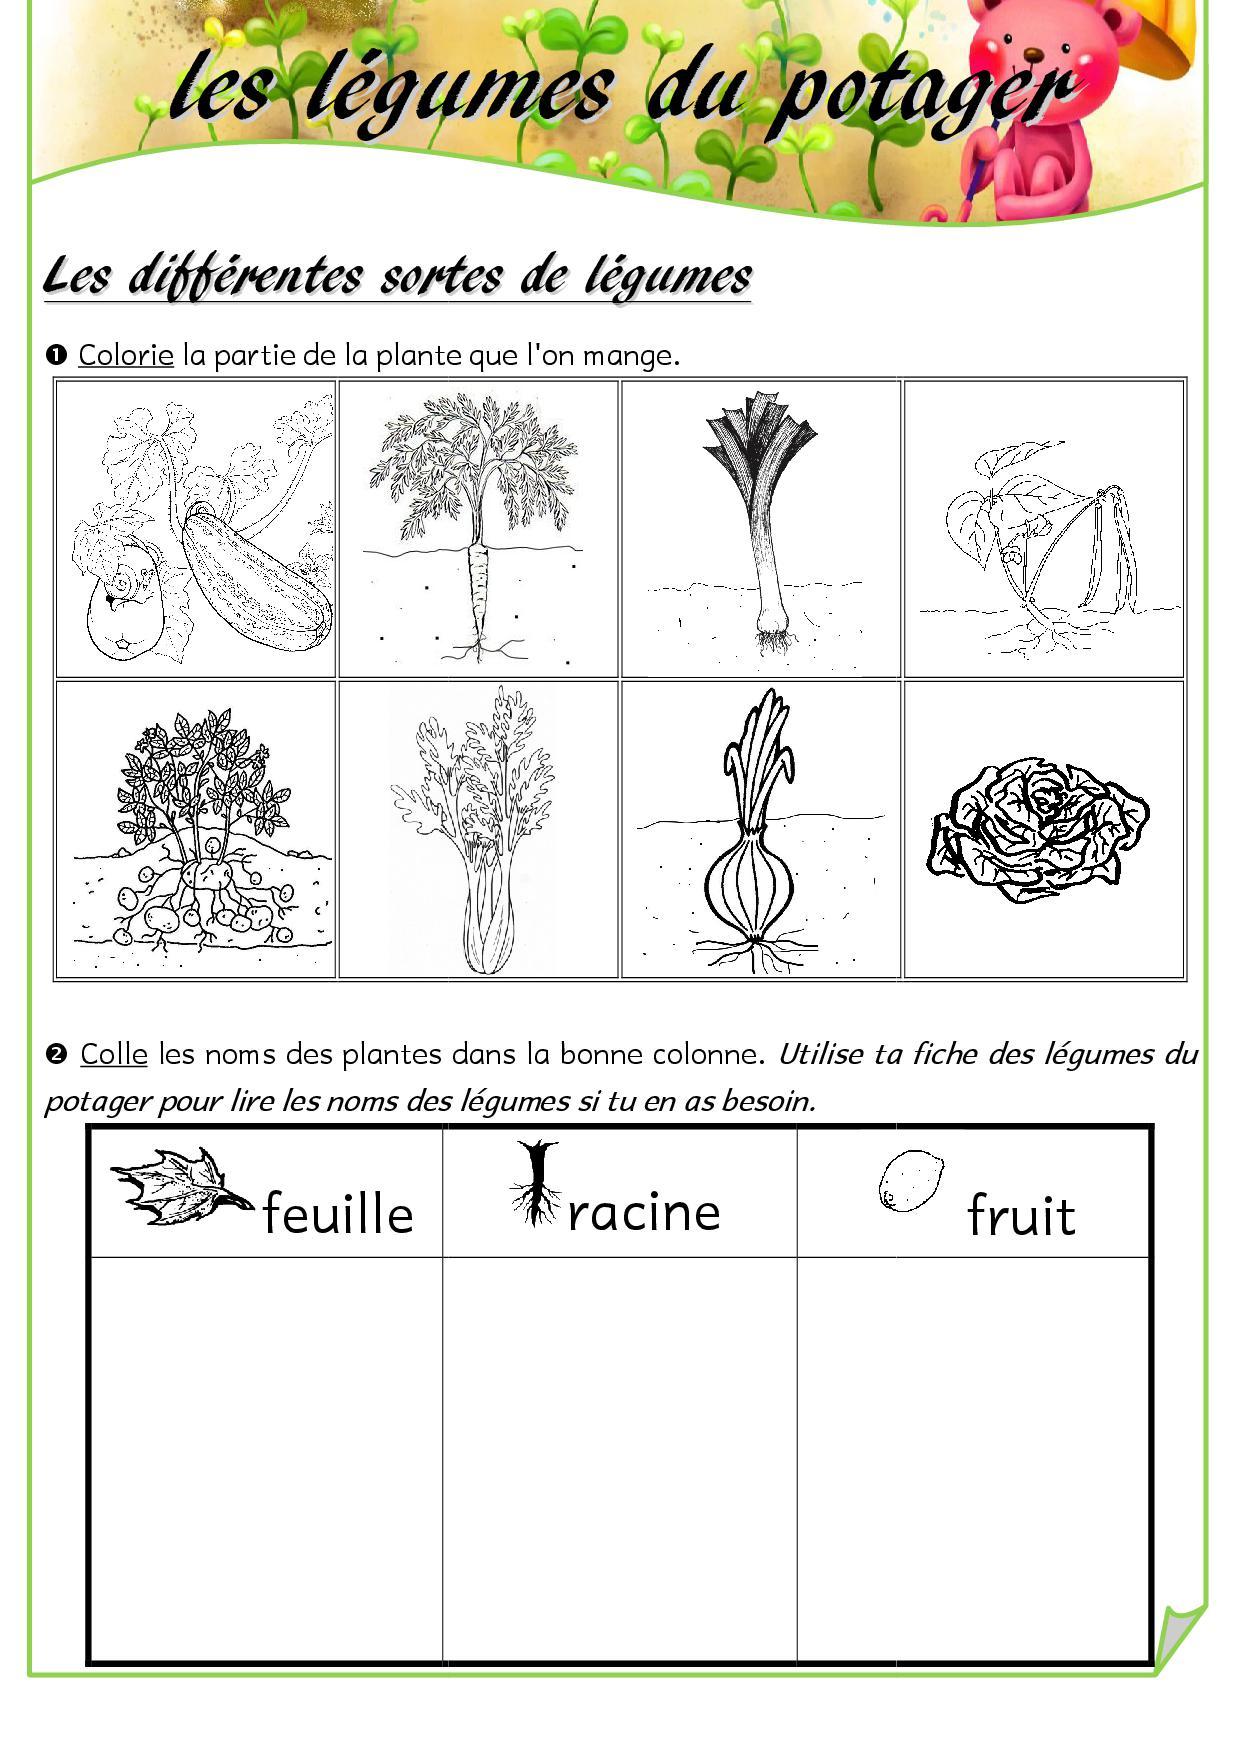 Les Légumes Du Potager Fiches De Préparations Cycle1 Cycle 2 Ulis